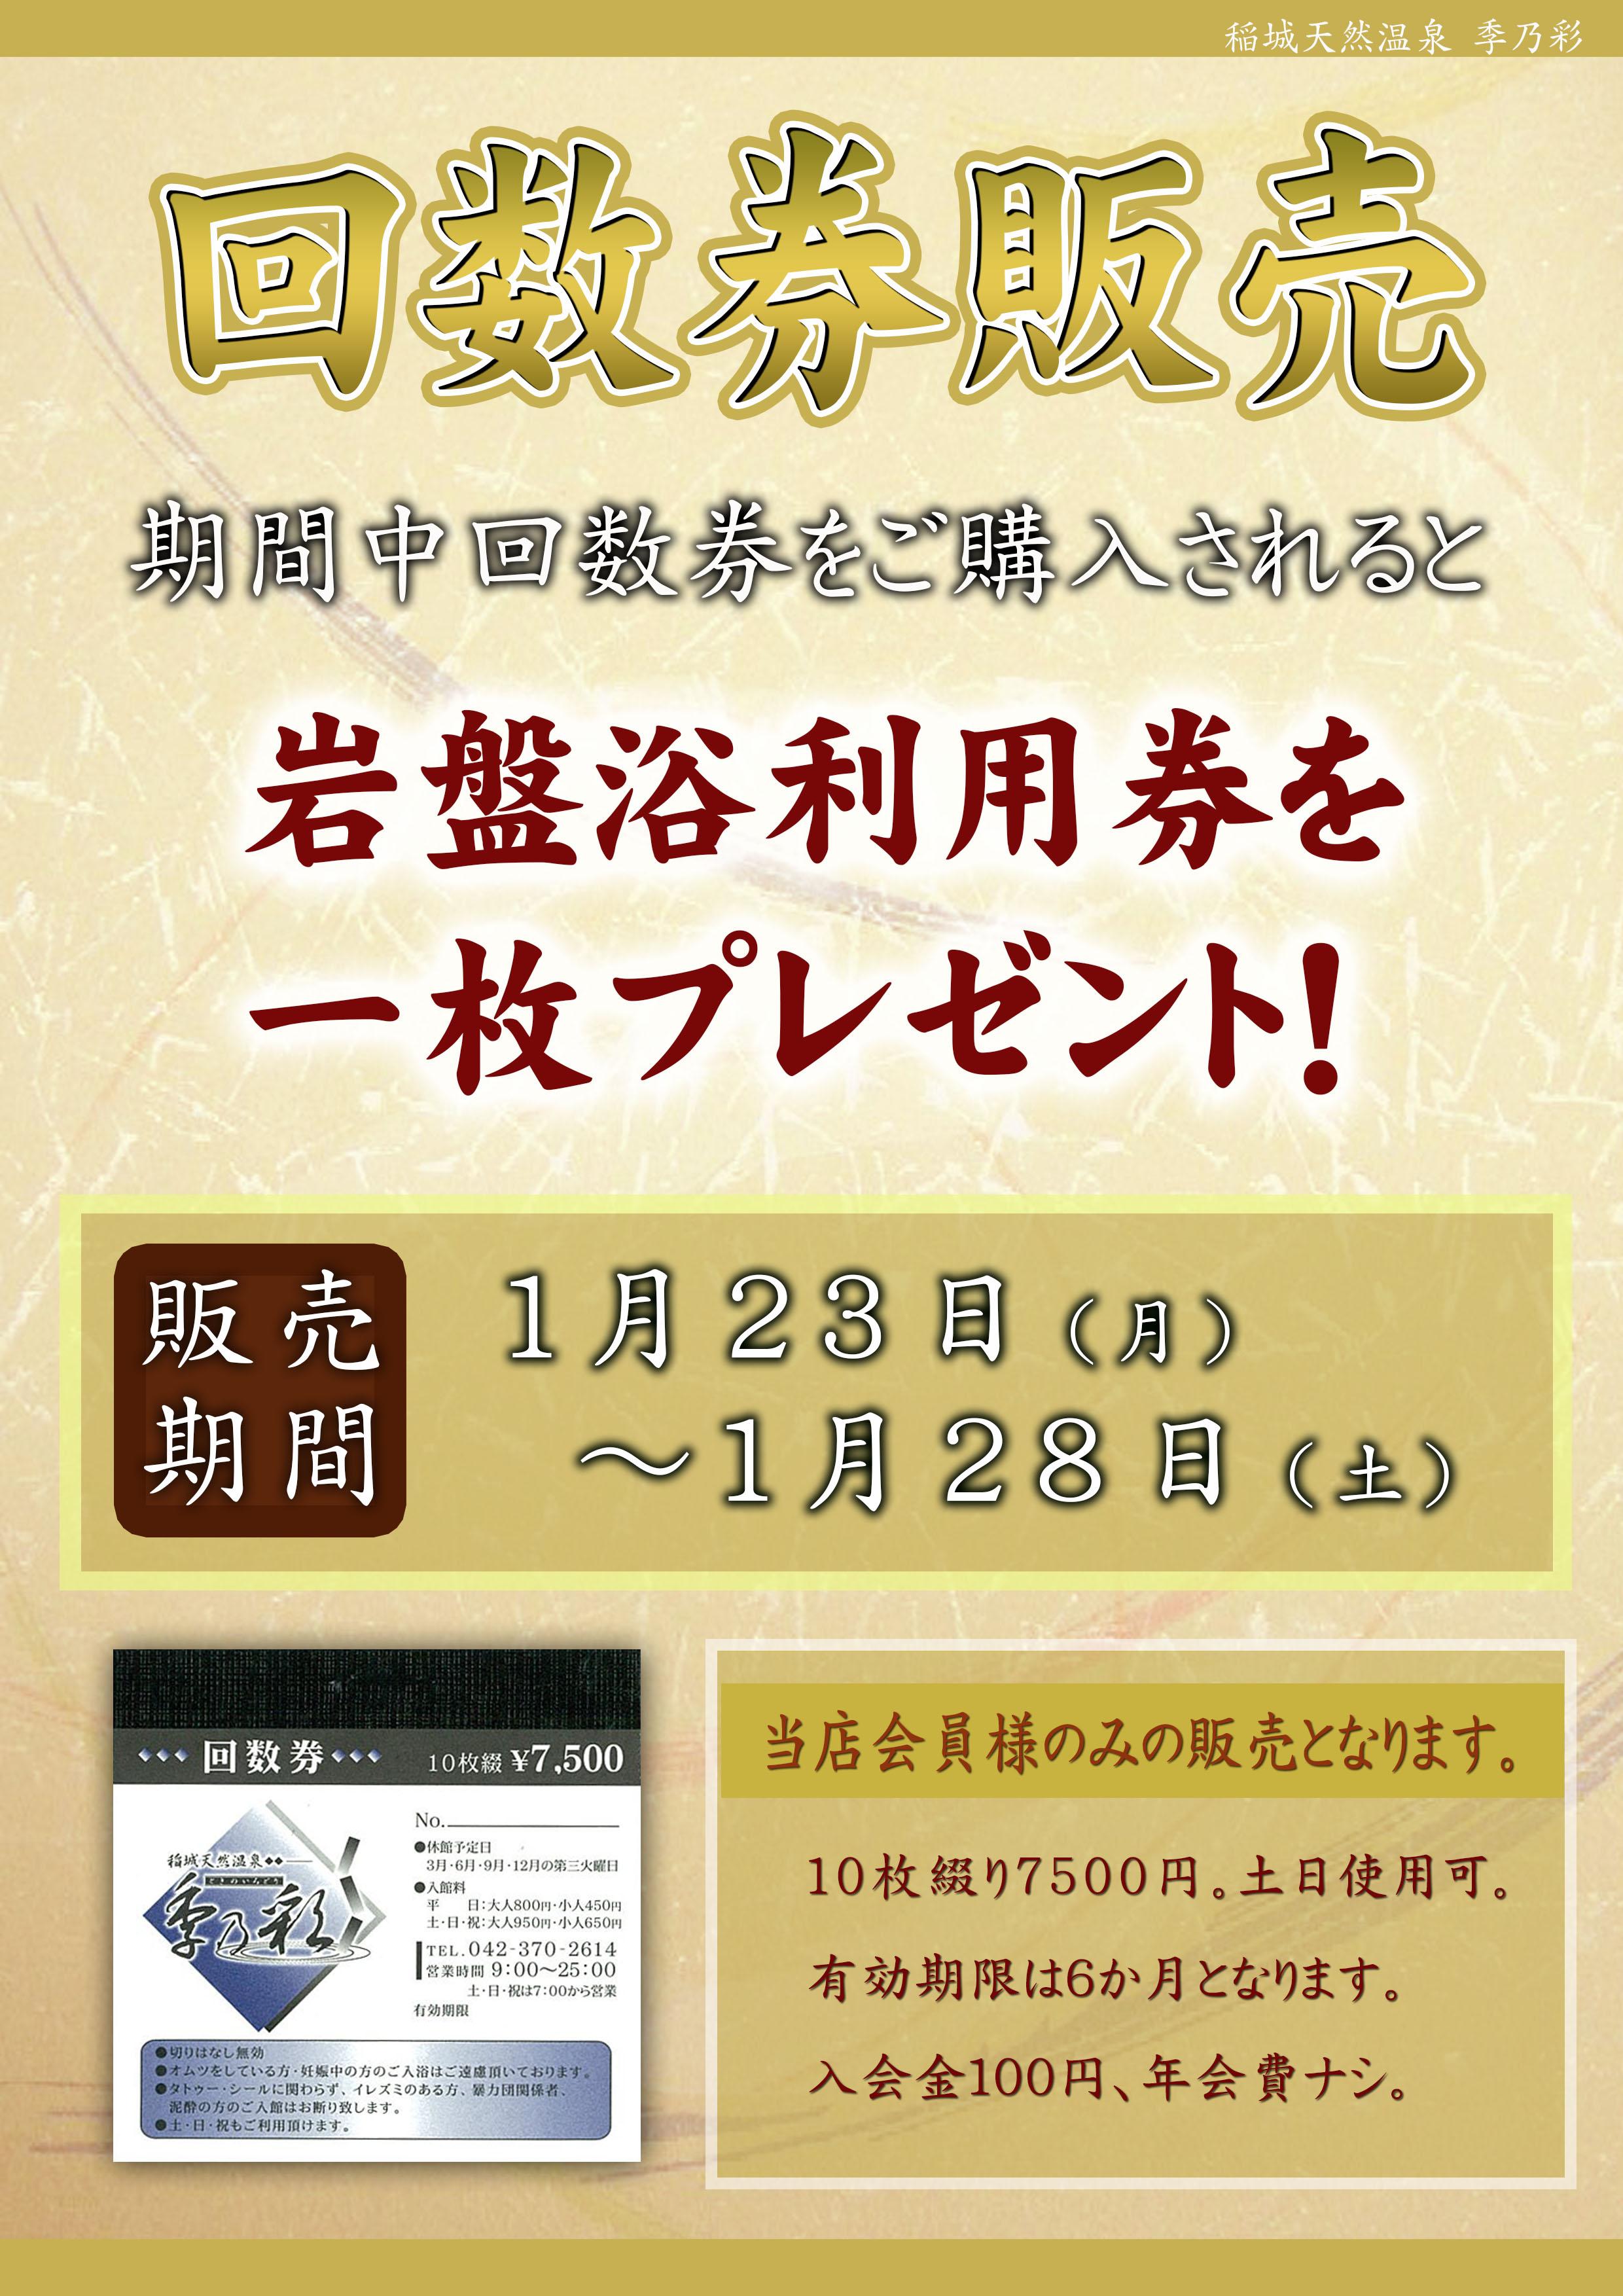 20170121POP イベント 回数券特売 岩盤浴券付与【入会100円】01